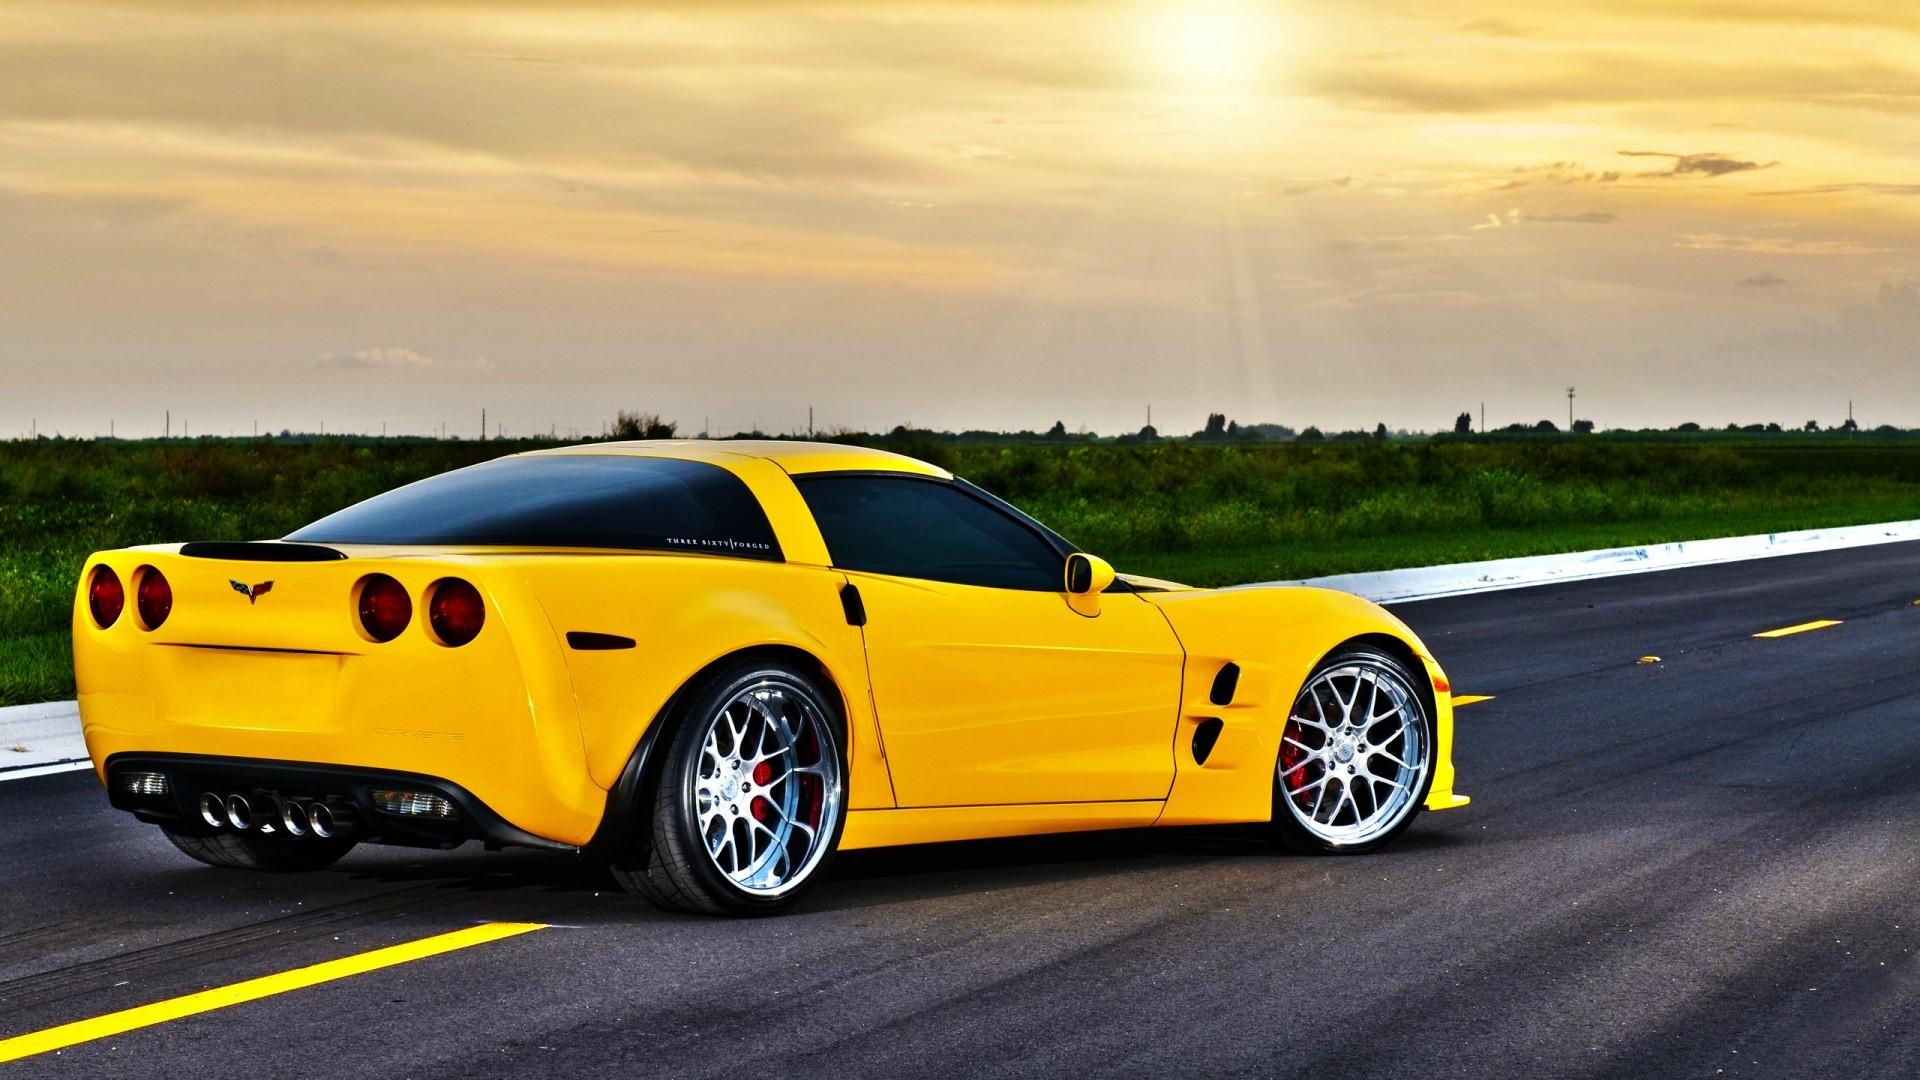 Corvette wallpaper for desktop 61 images - Corvette wallpaper ...